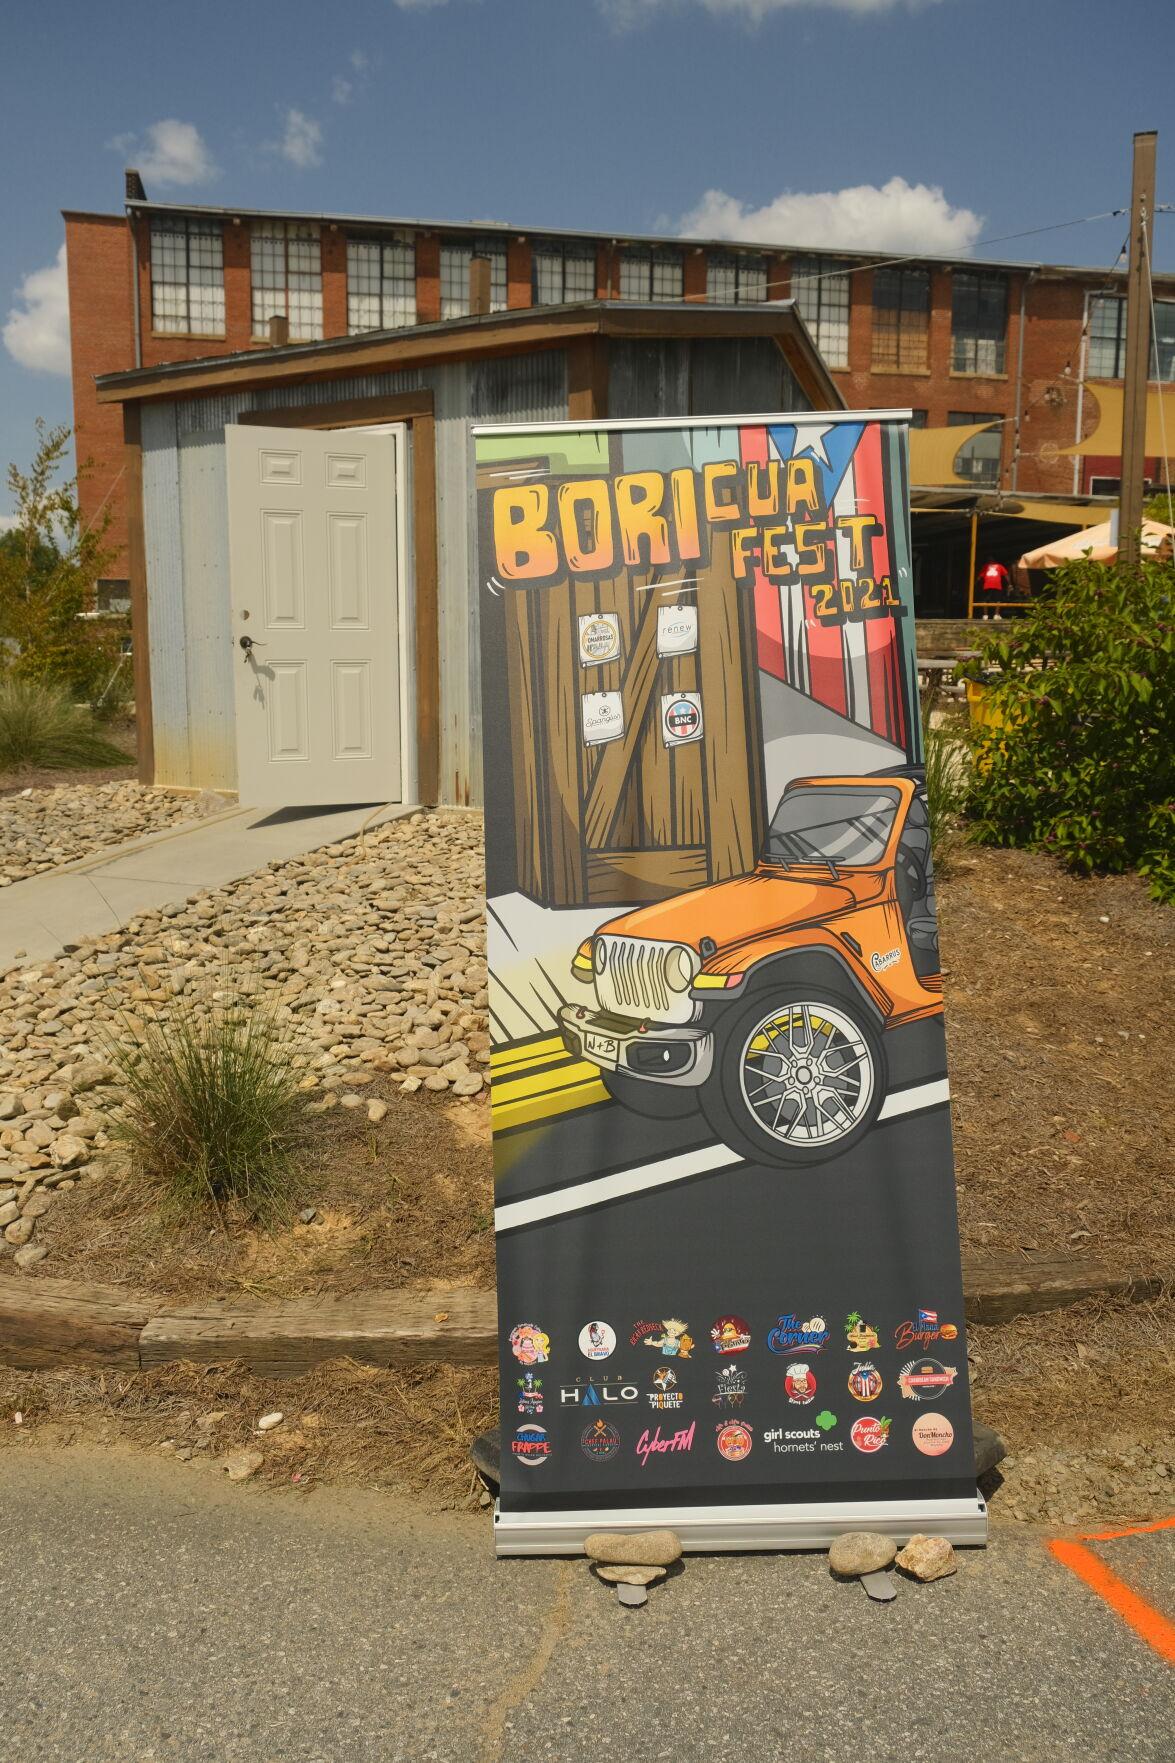 Boricua Fest